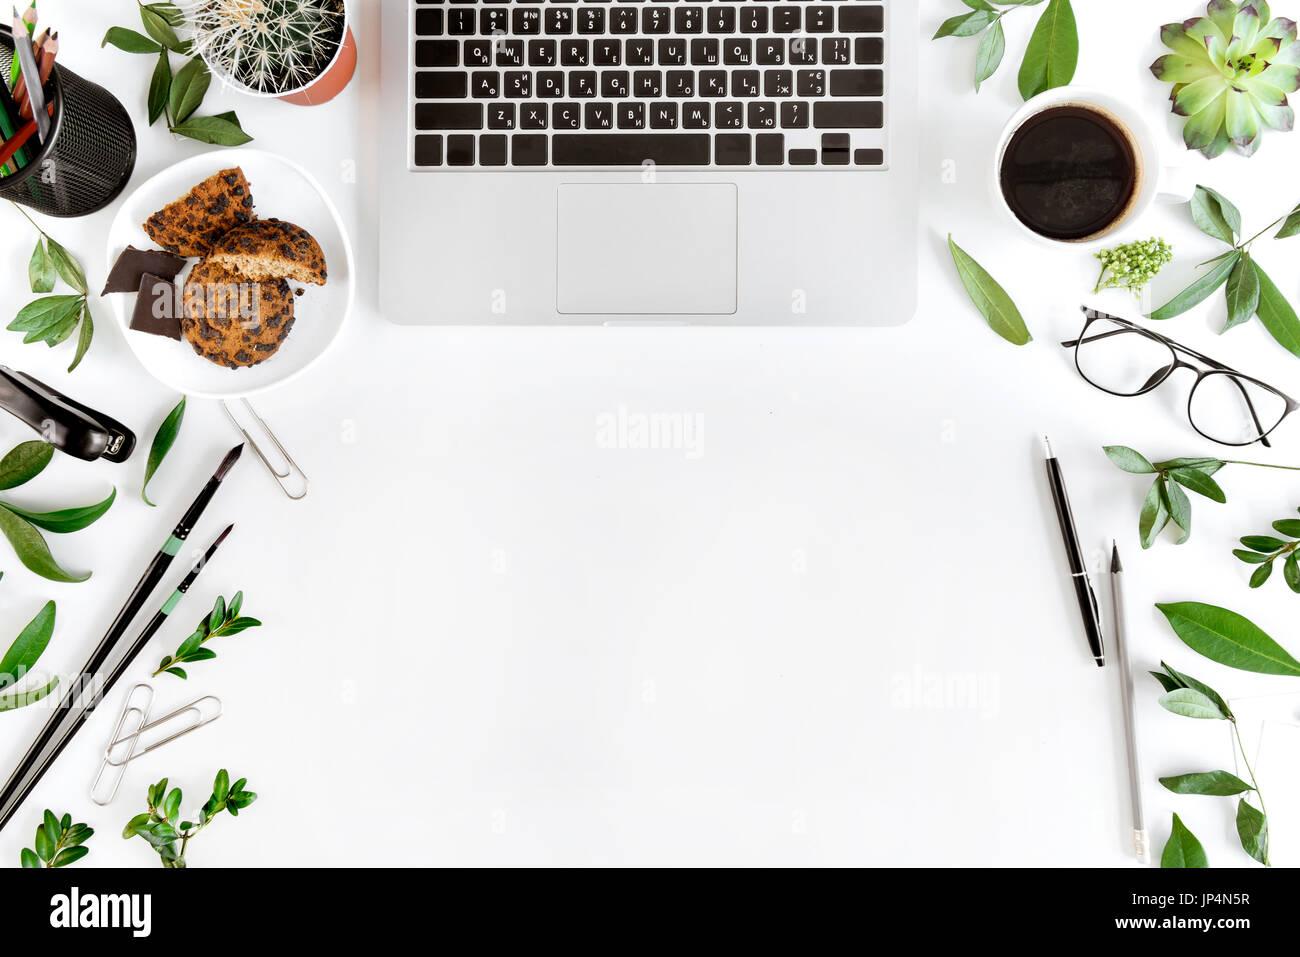 Vue de dessus de l'ordinateur portable, les fournitures de bureau et tasse de café au lieu de travail isolé sur blanc, concept de communication sans fil Photo Stock